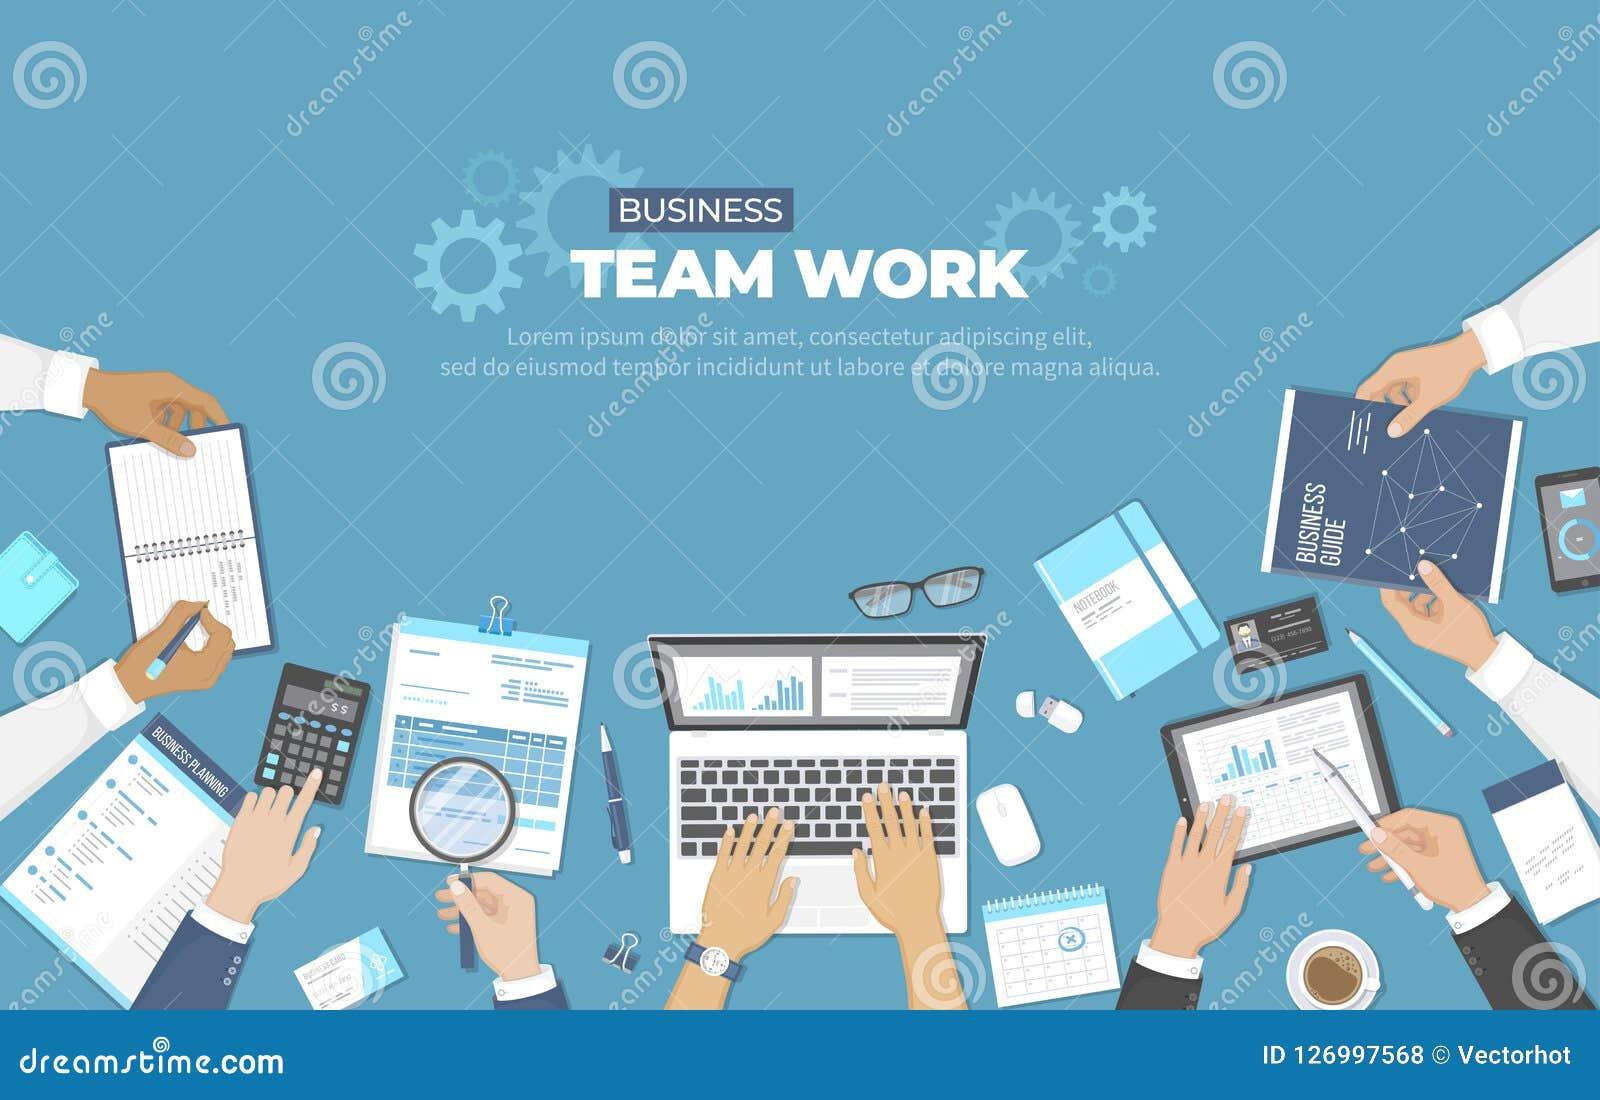 R Biuro drużyny pracy pojęcie Analiza, planowanie, konsultuje, zarządzanie projektem Businessmans